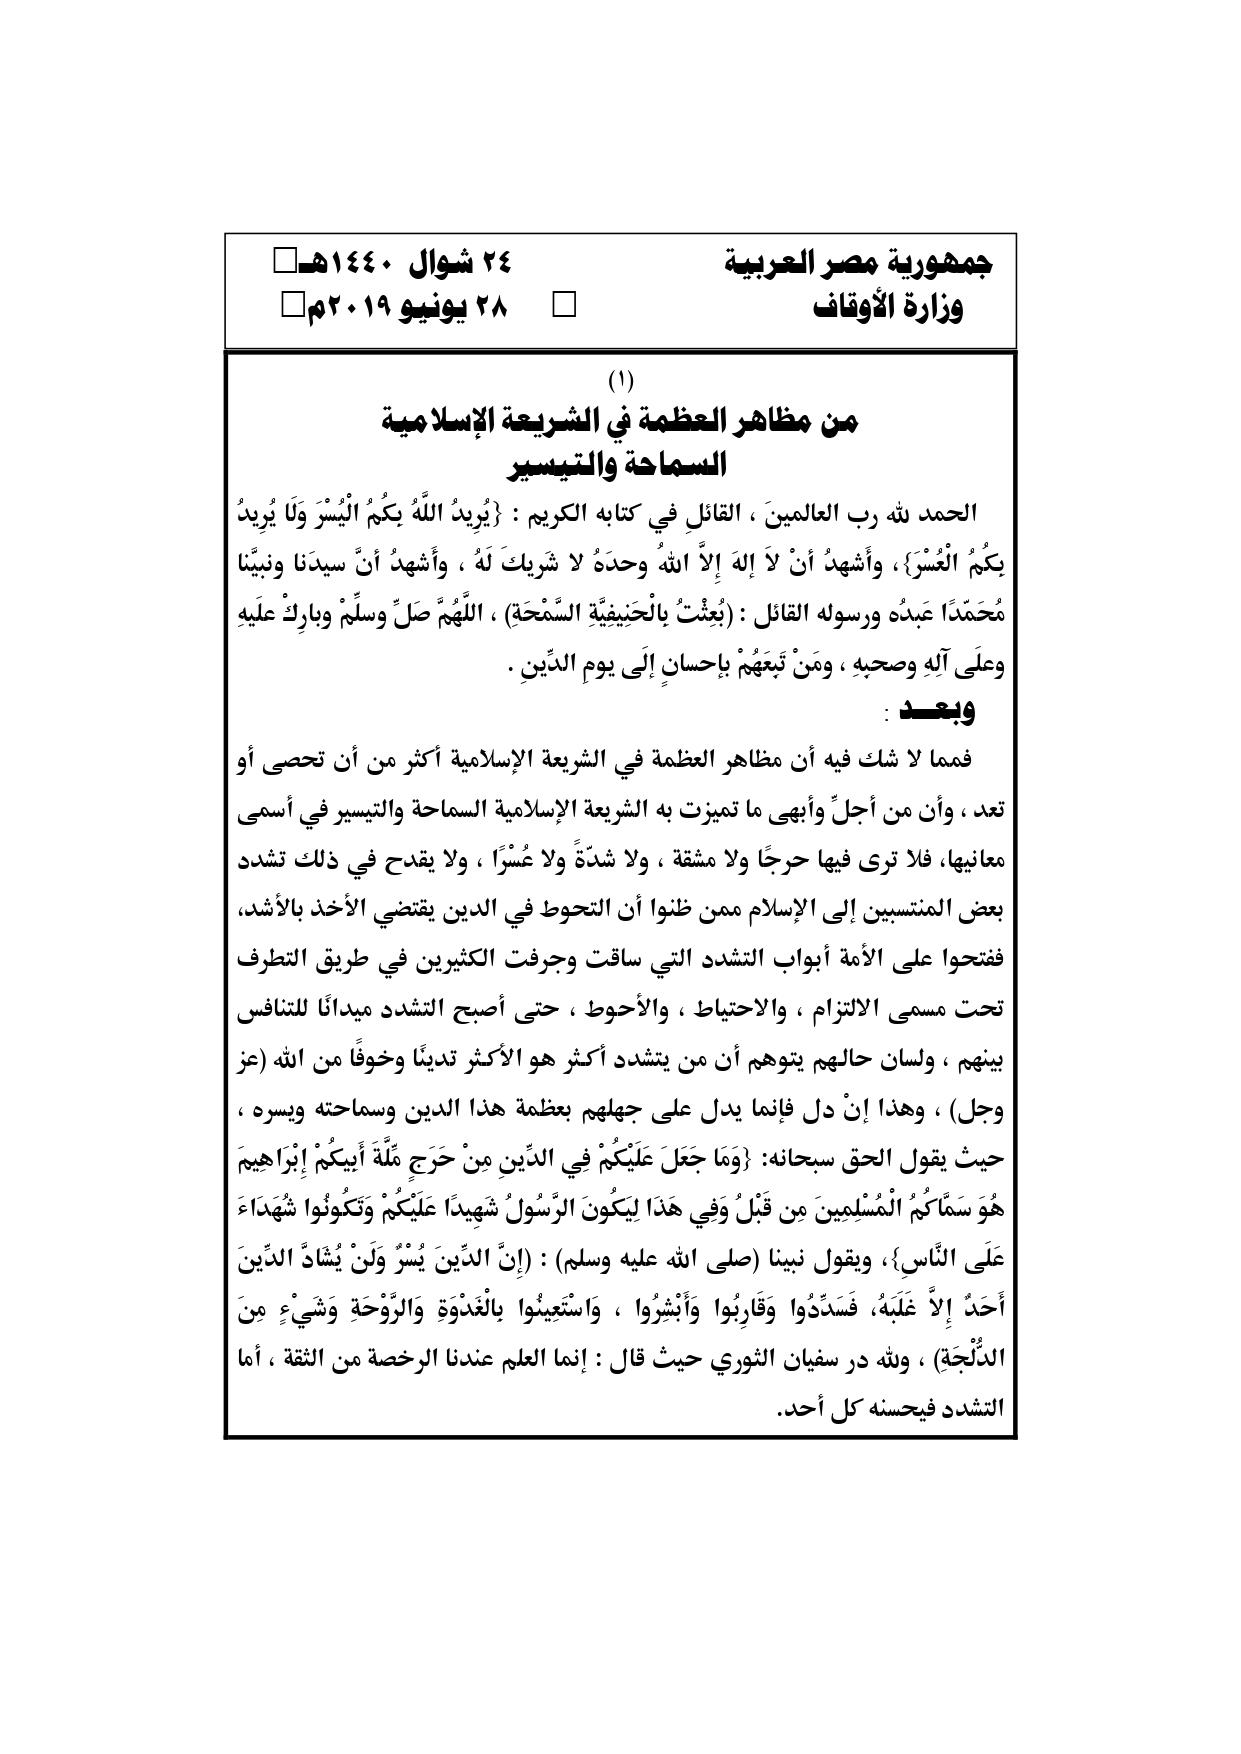 من مظاهر العظمة في الشريعة الإسلامية السماحة والتيسير خطبة الجمعة pdf